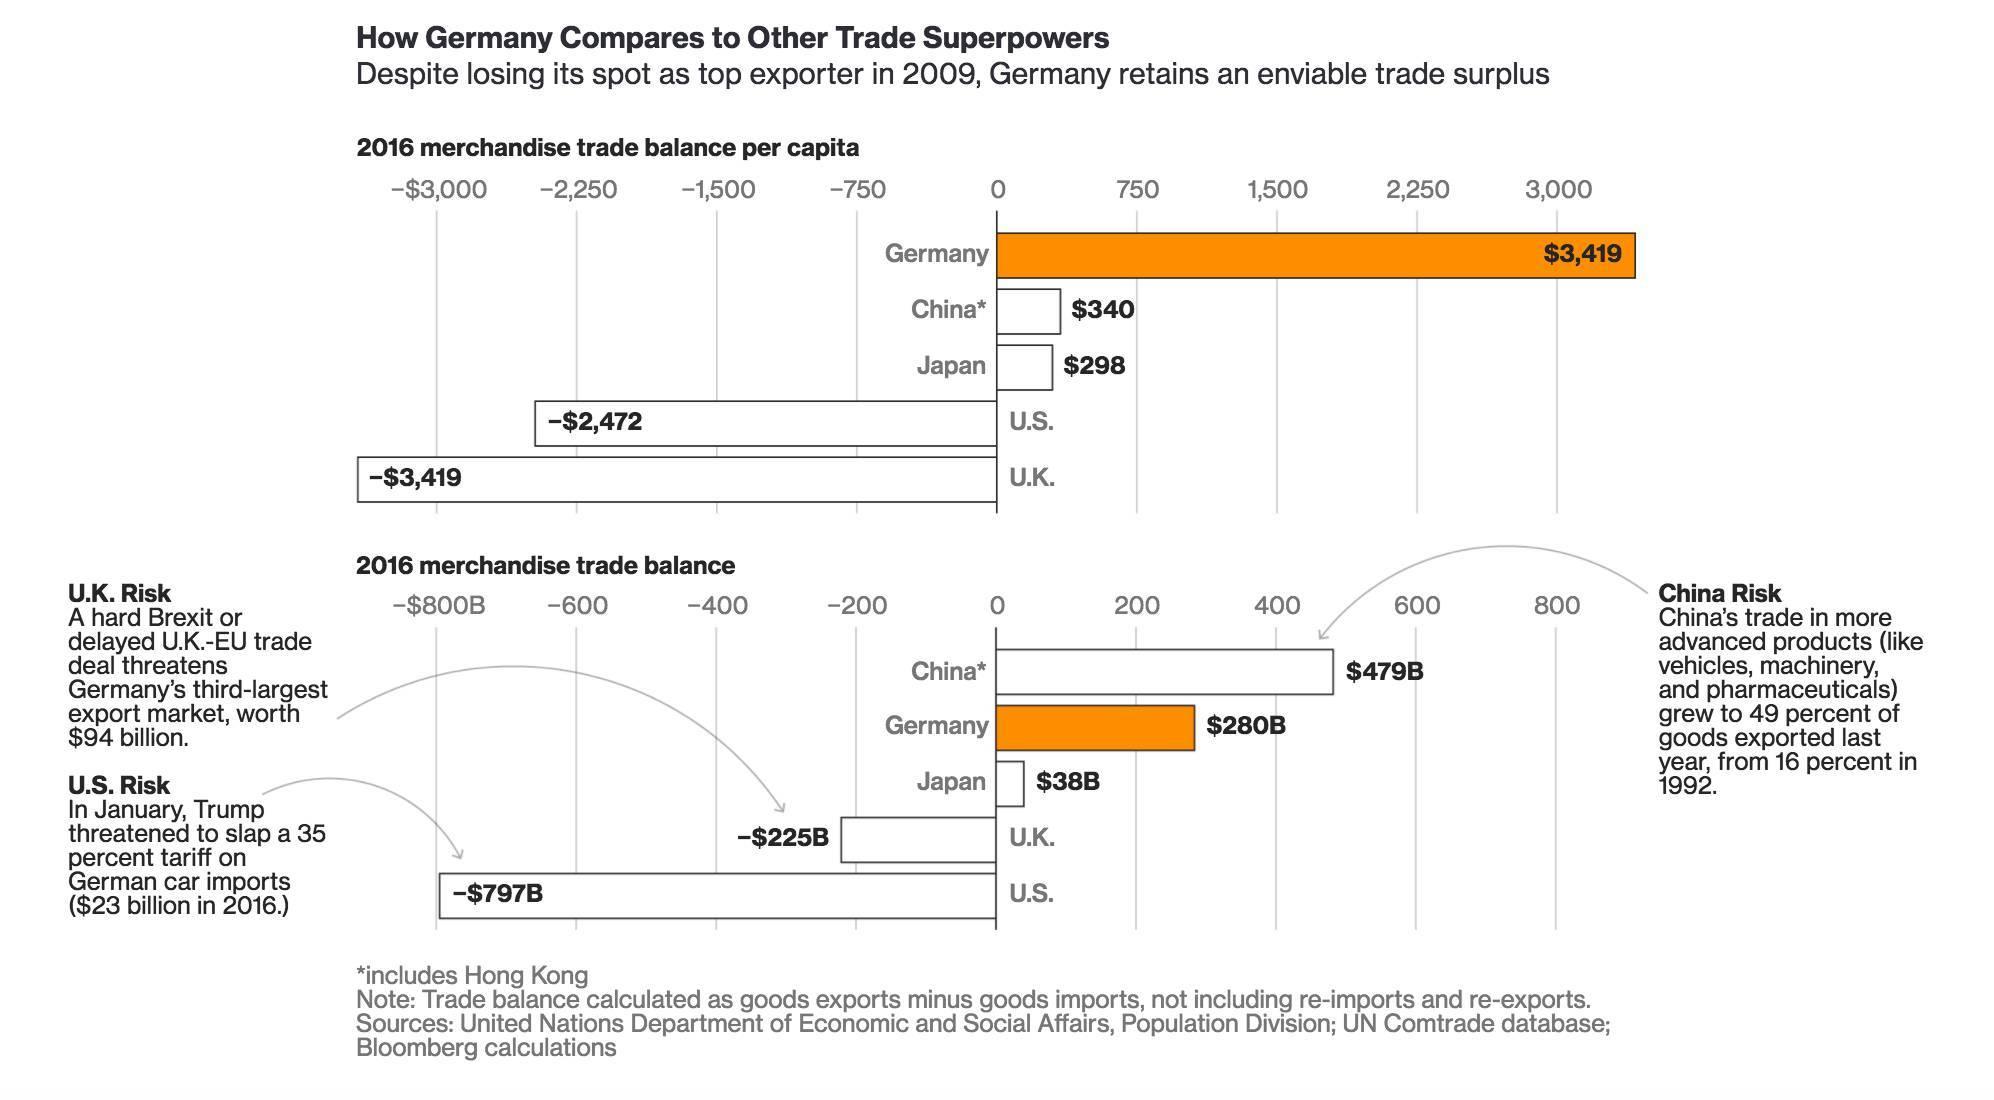 自由贸易决心坚定,默克尔这次还能赢吗?|专栏